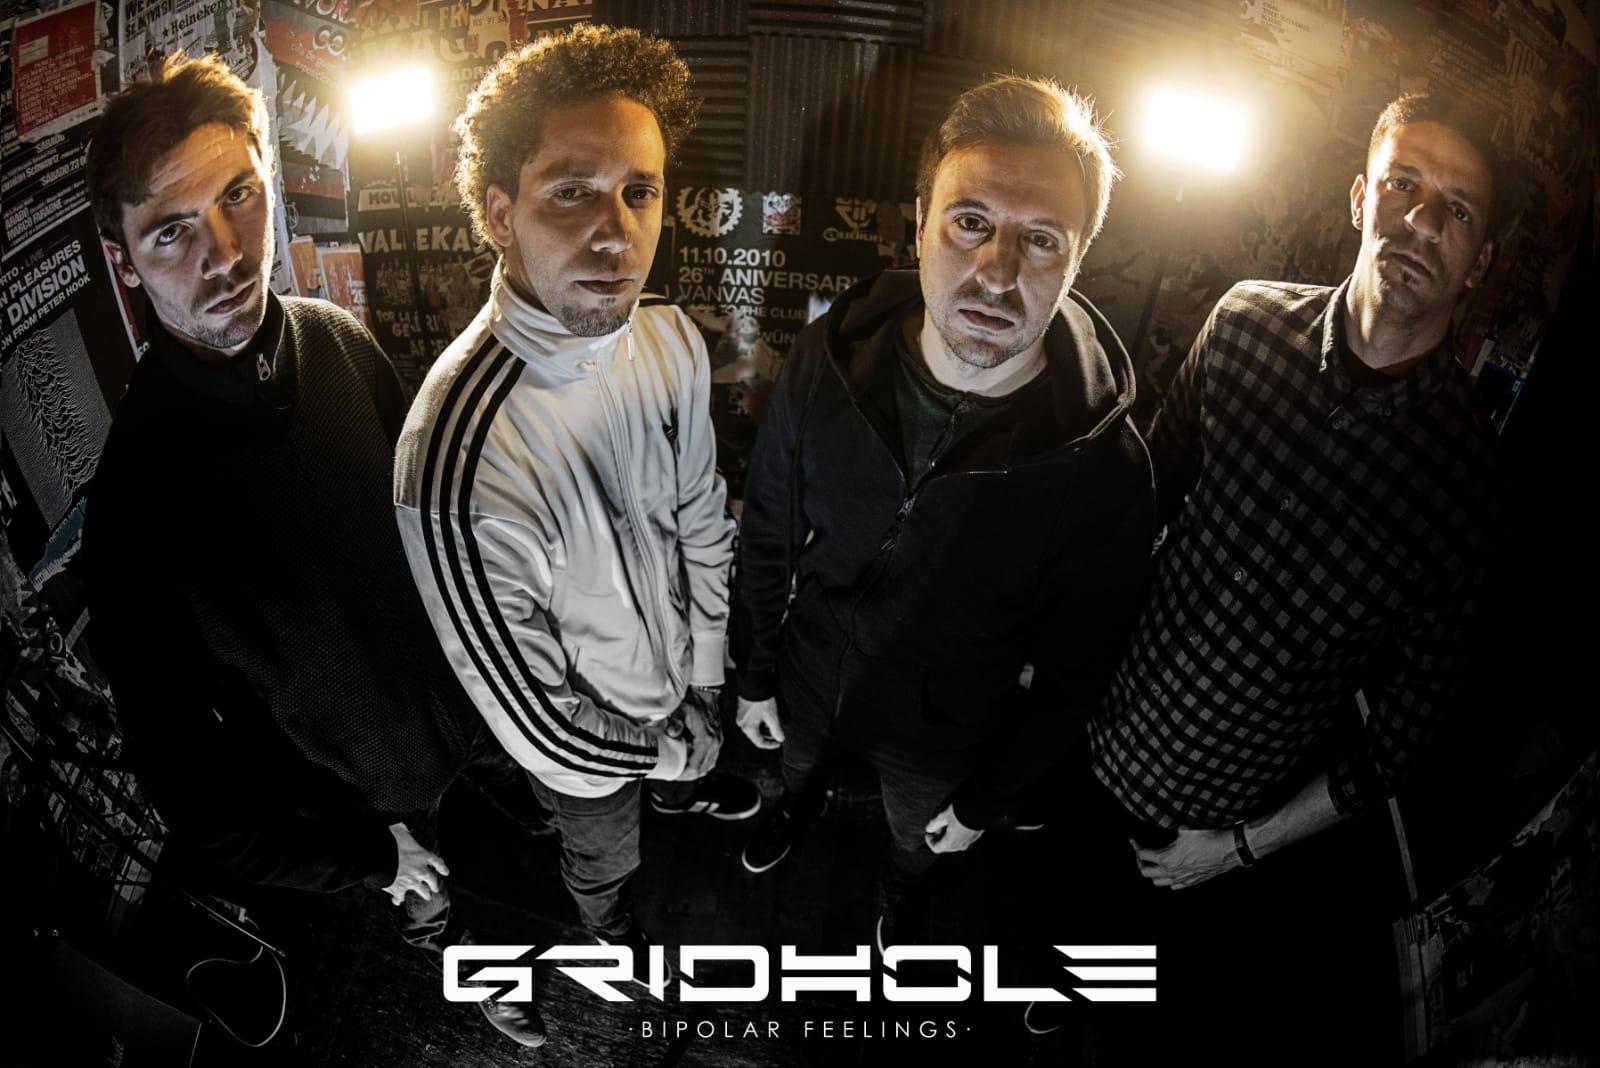 Gridhole photo band